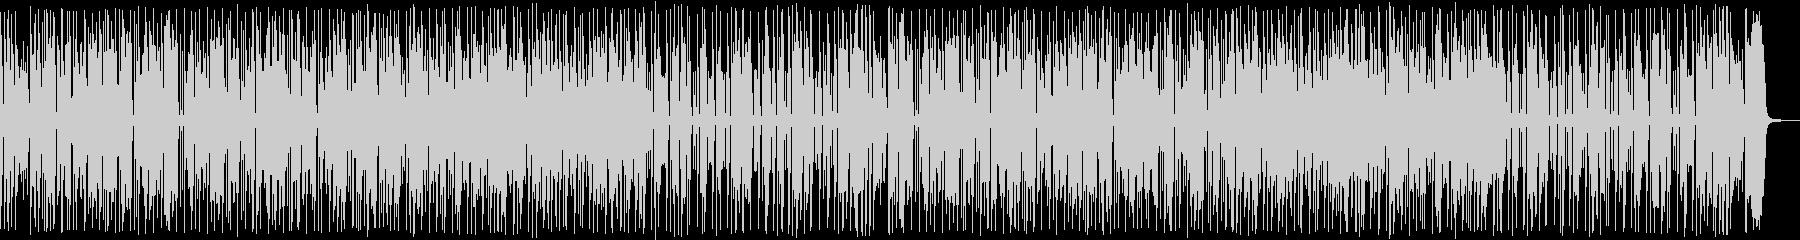 陽気でゴキゲンな80年代風ソウルファンクの未再生の波形